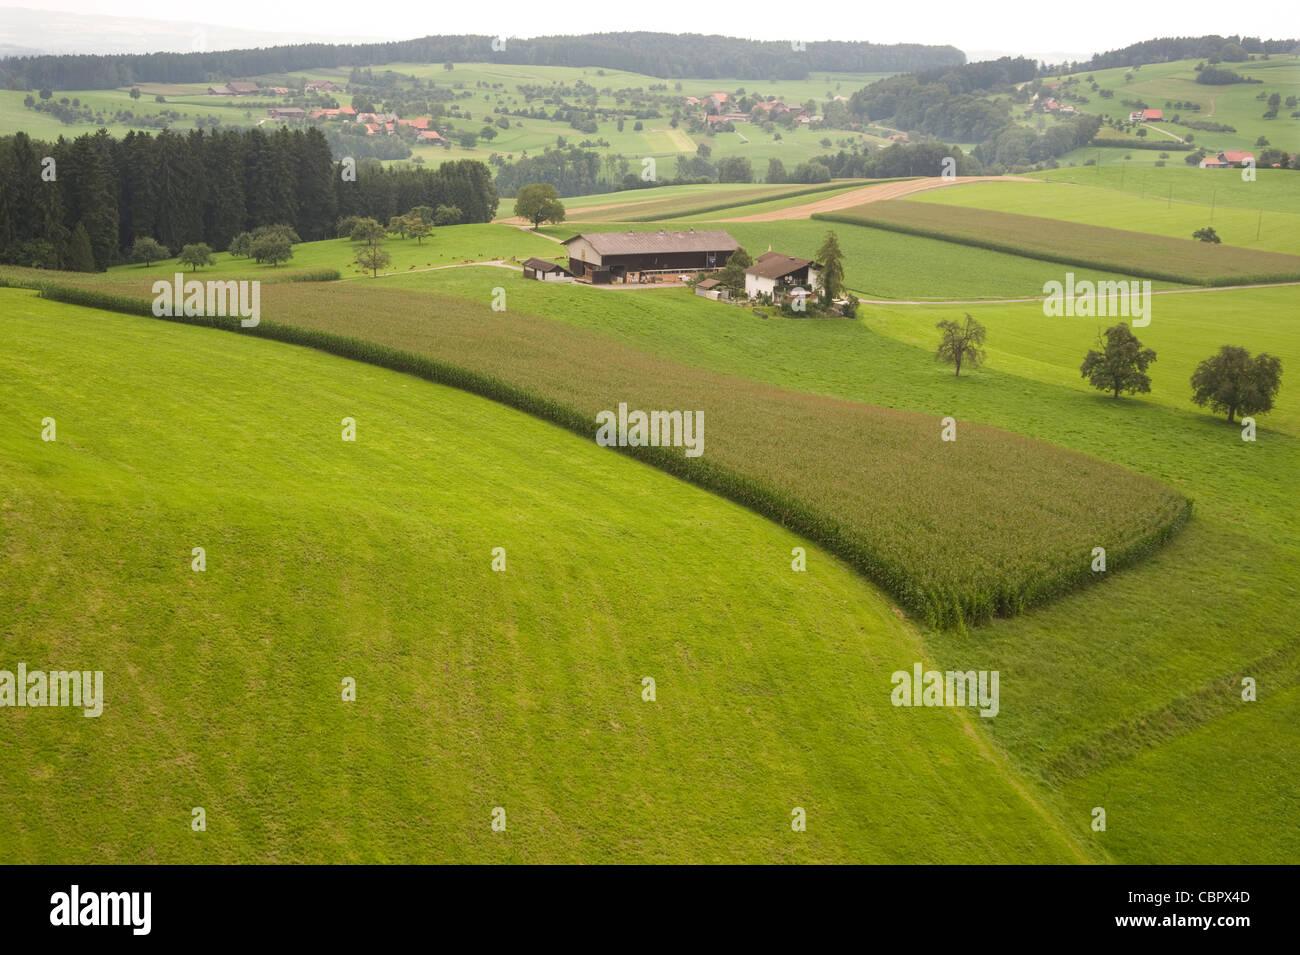 Grain field near Wil Switserland - Stock Image